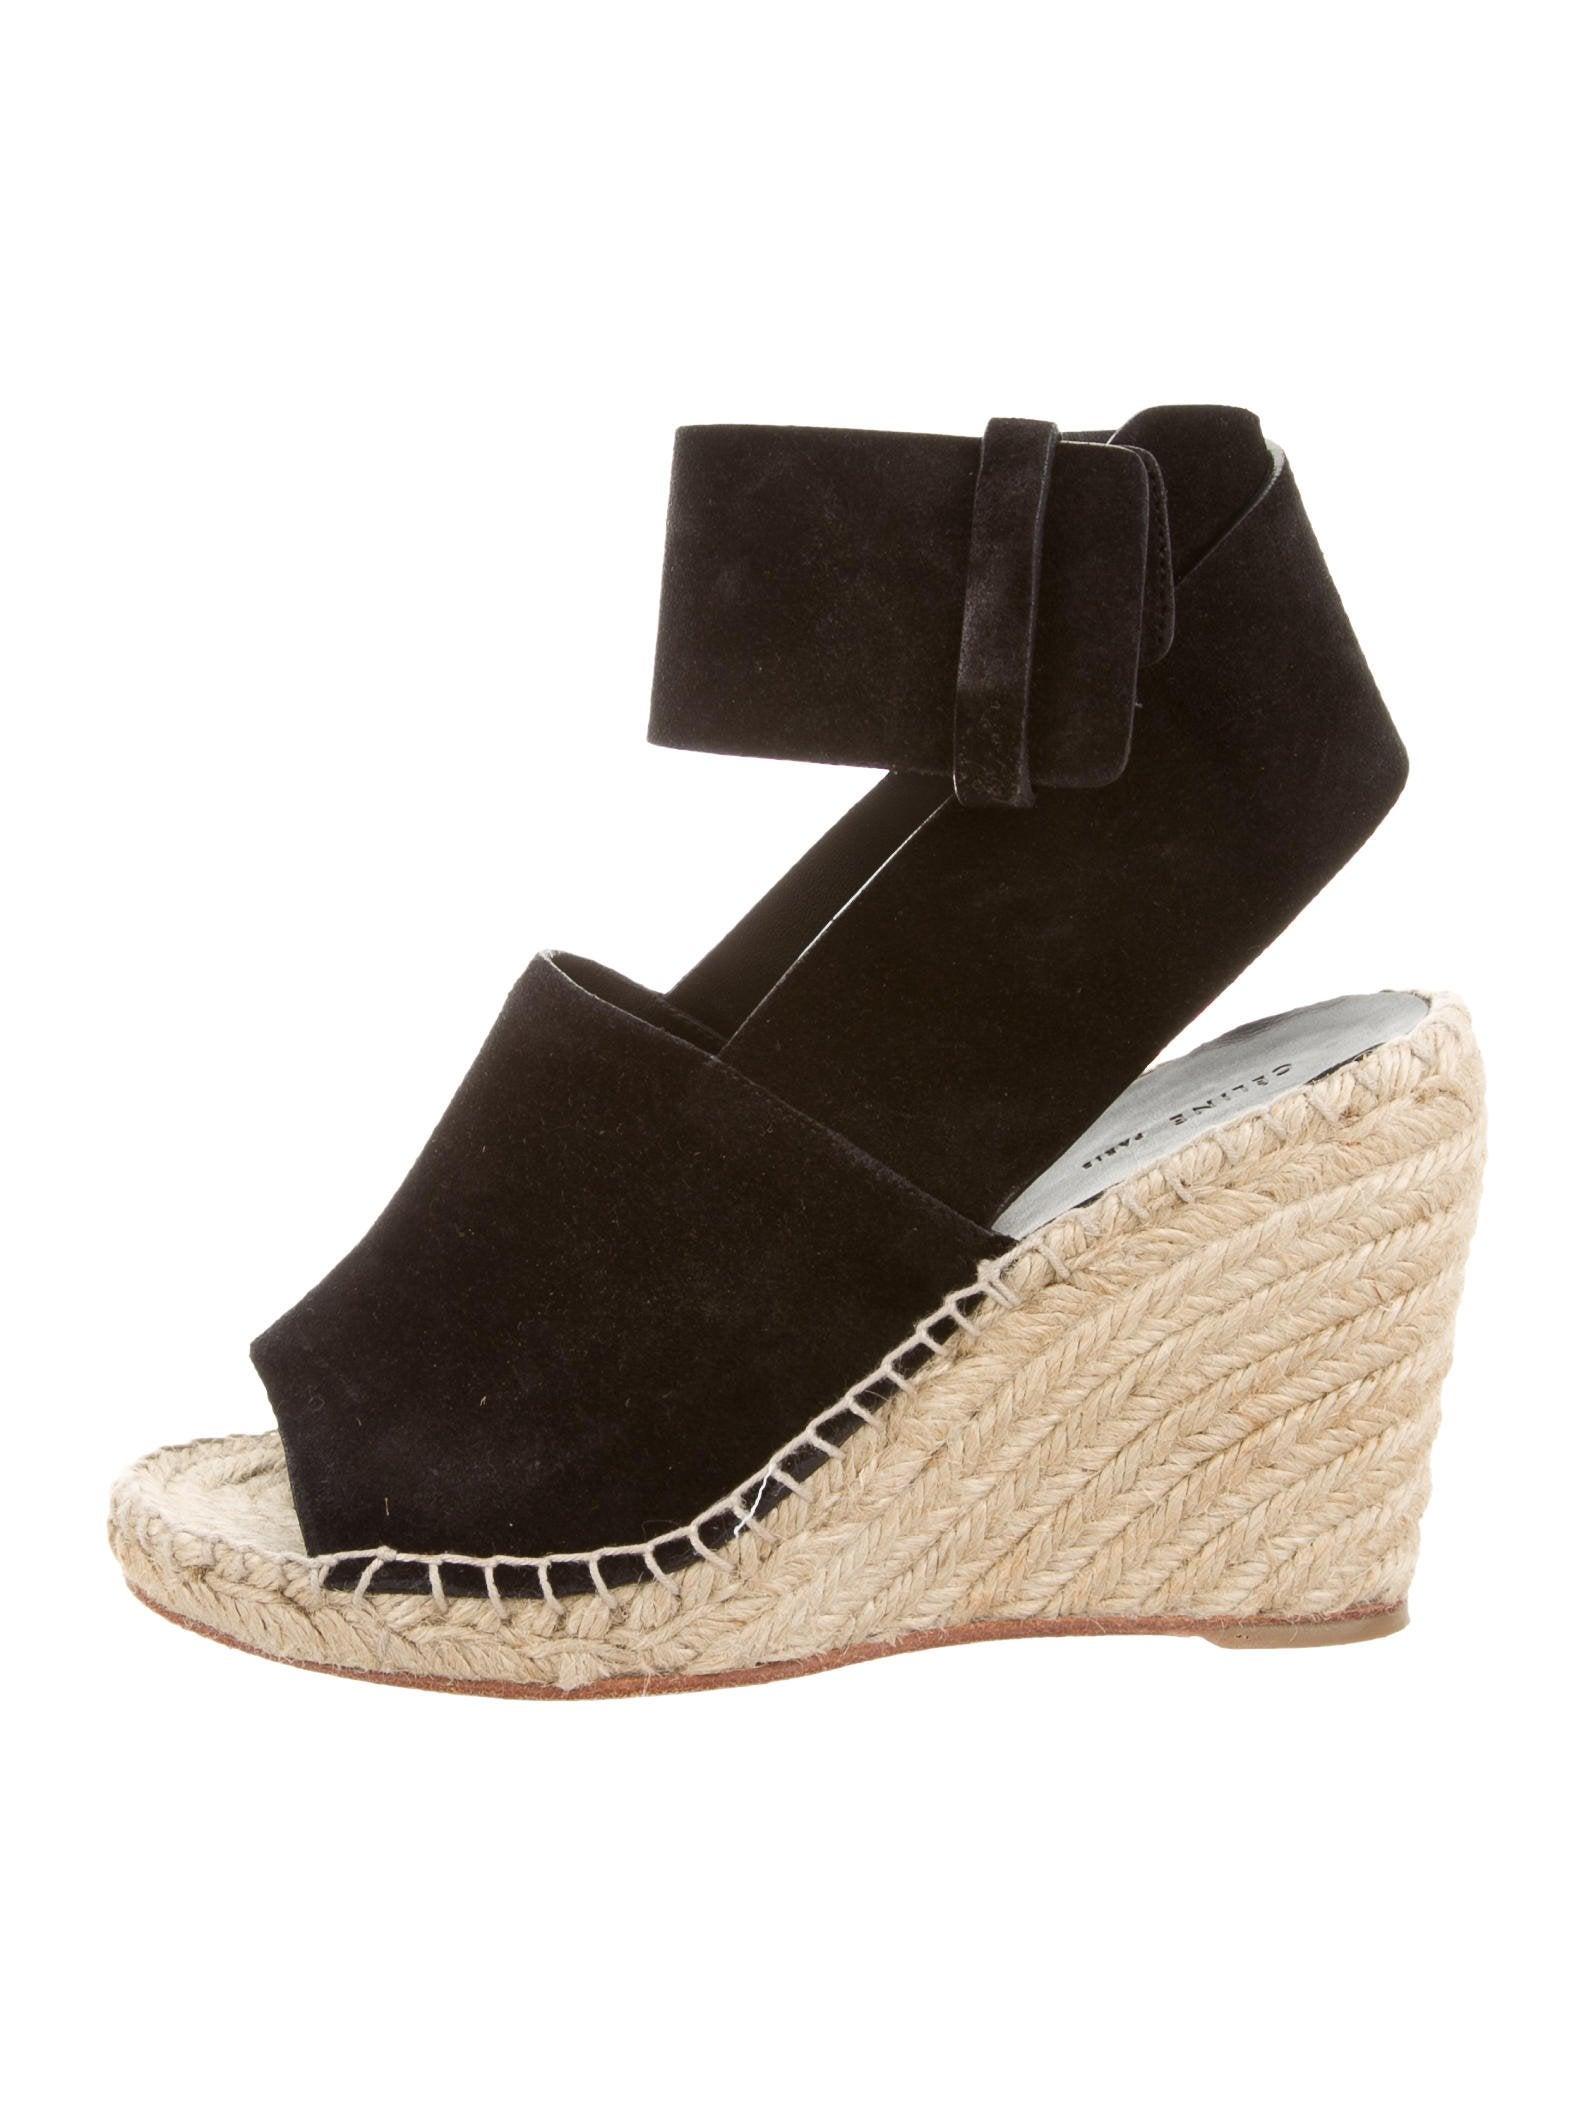 Céline Espadrille Wedge Sandals - Shoes - CEL50765   The ...